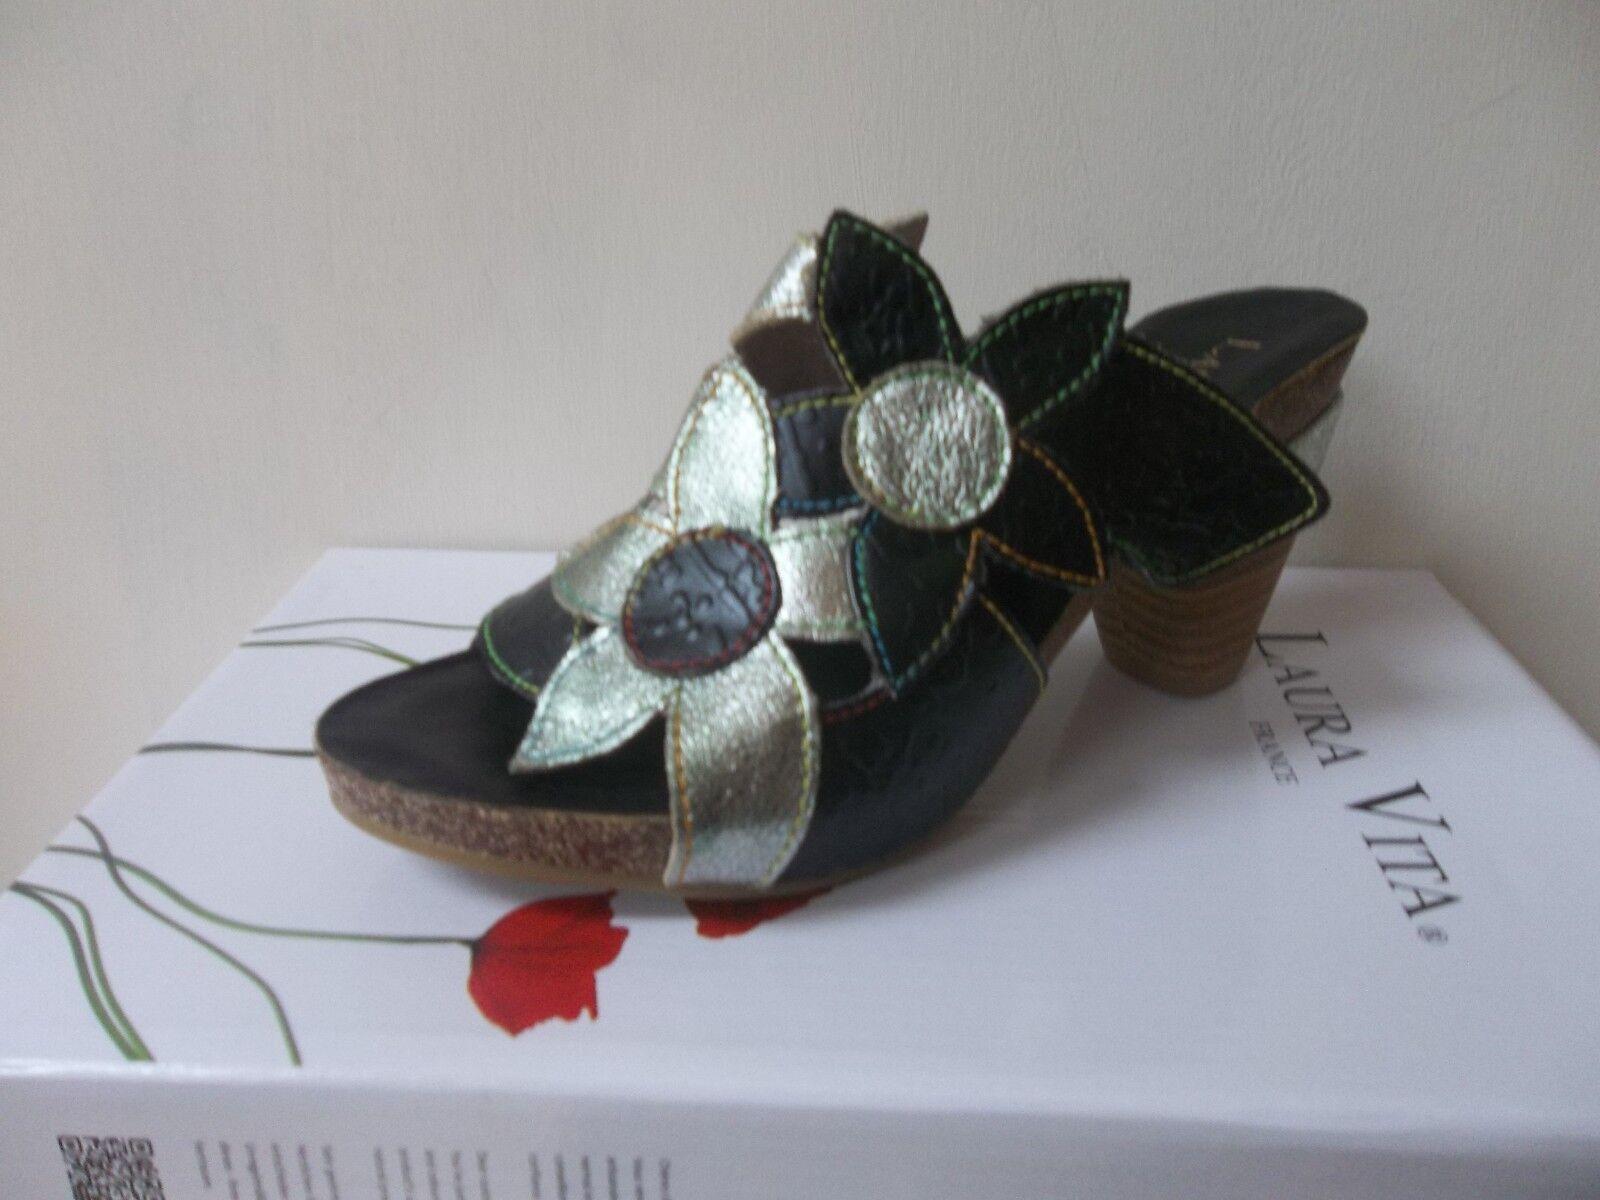 Laura VITA Nero/Verde Shimmer Floreale muli, /EU 38, prezzo consigliato .99, BNWB